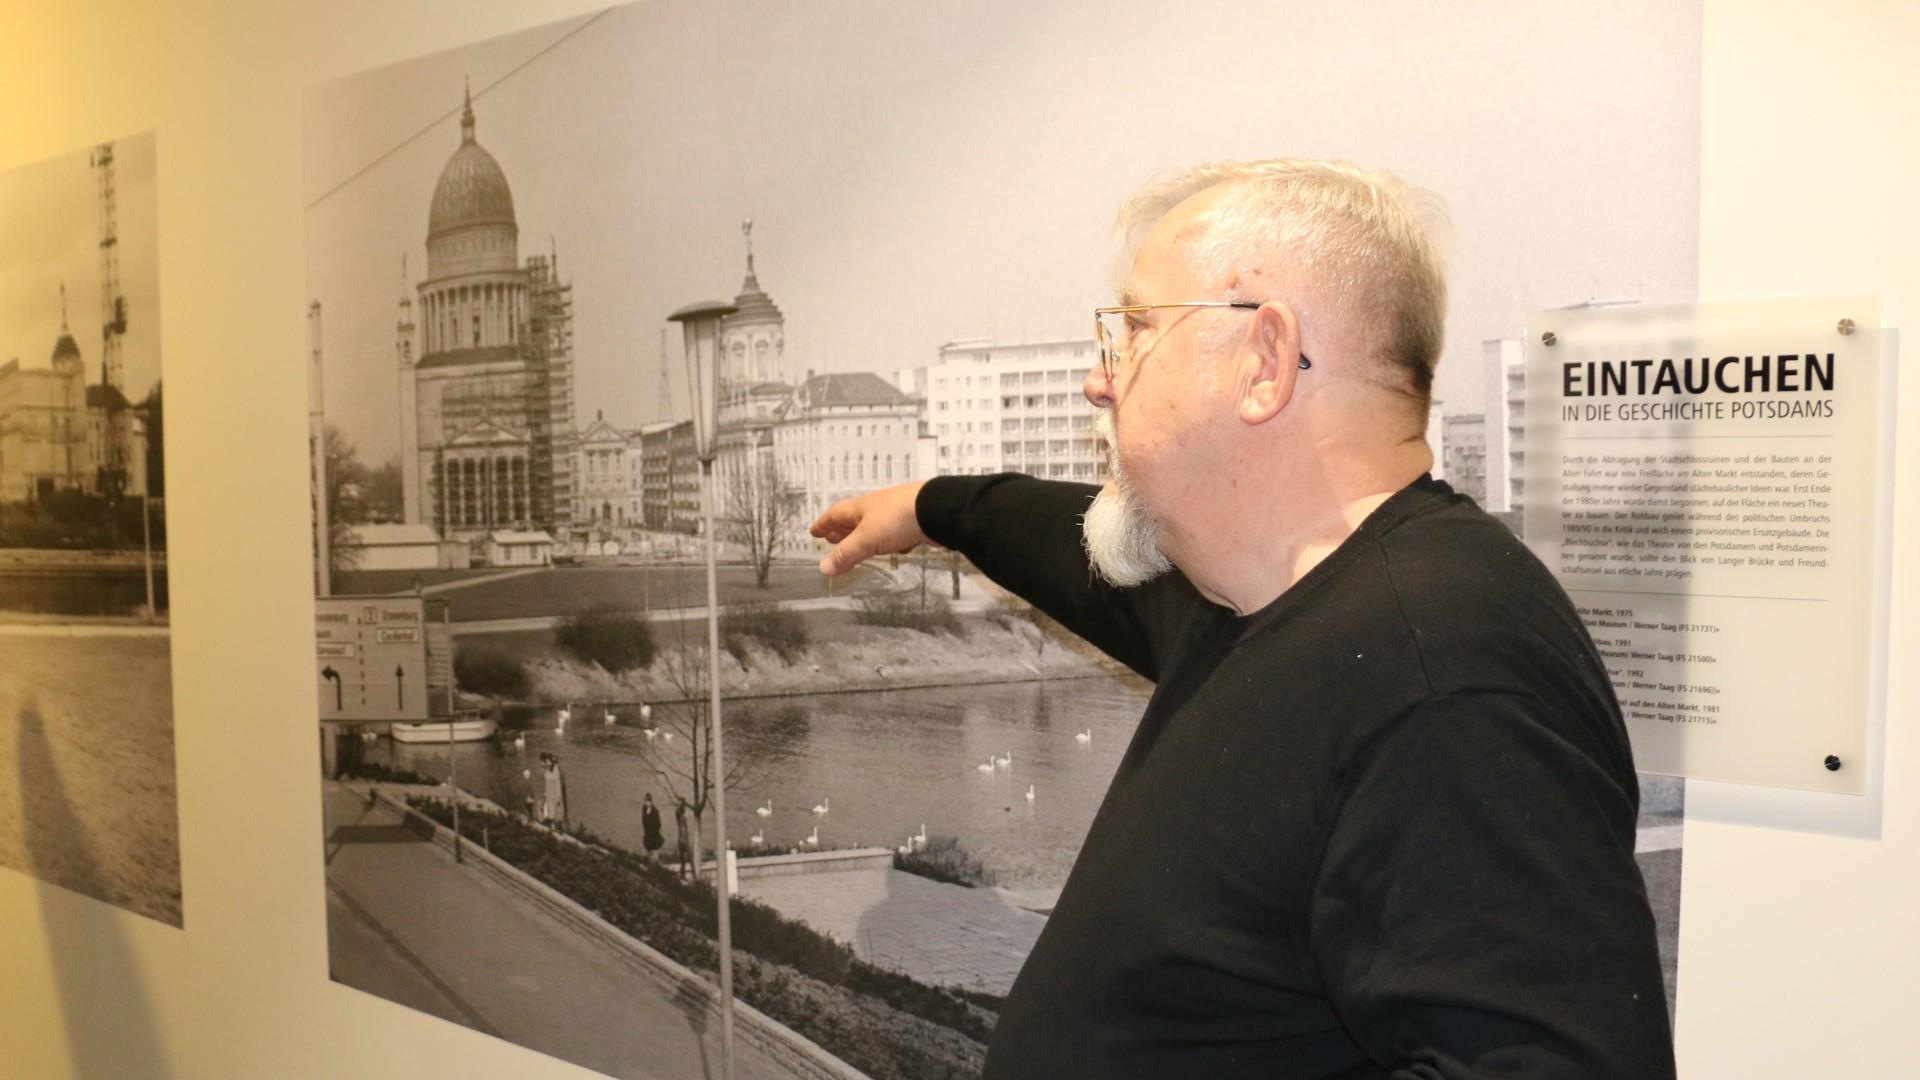 EINTAUCHEN IN POTSDAM – KUNST IM BAD - Dauerausstellung im blu